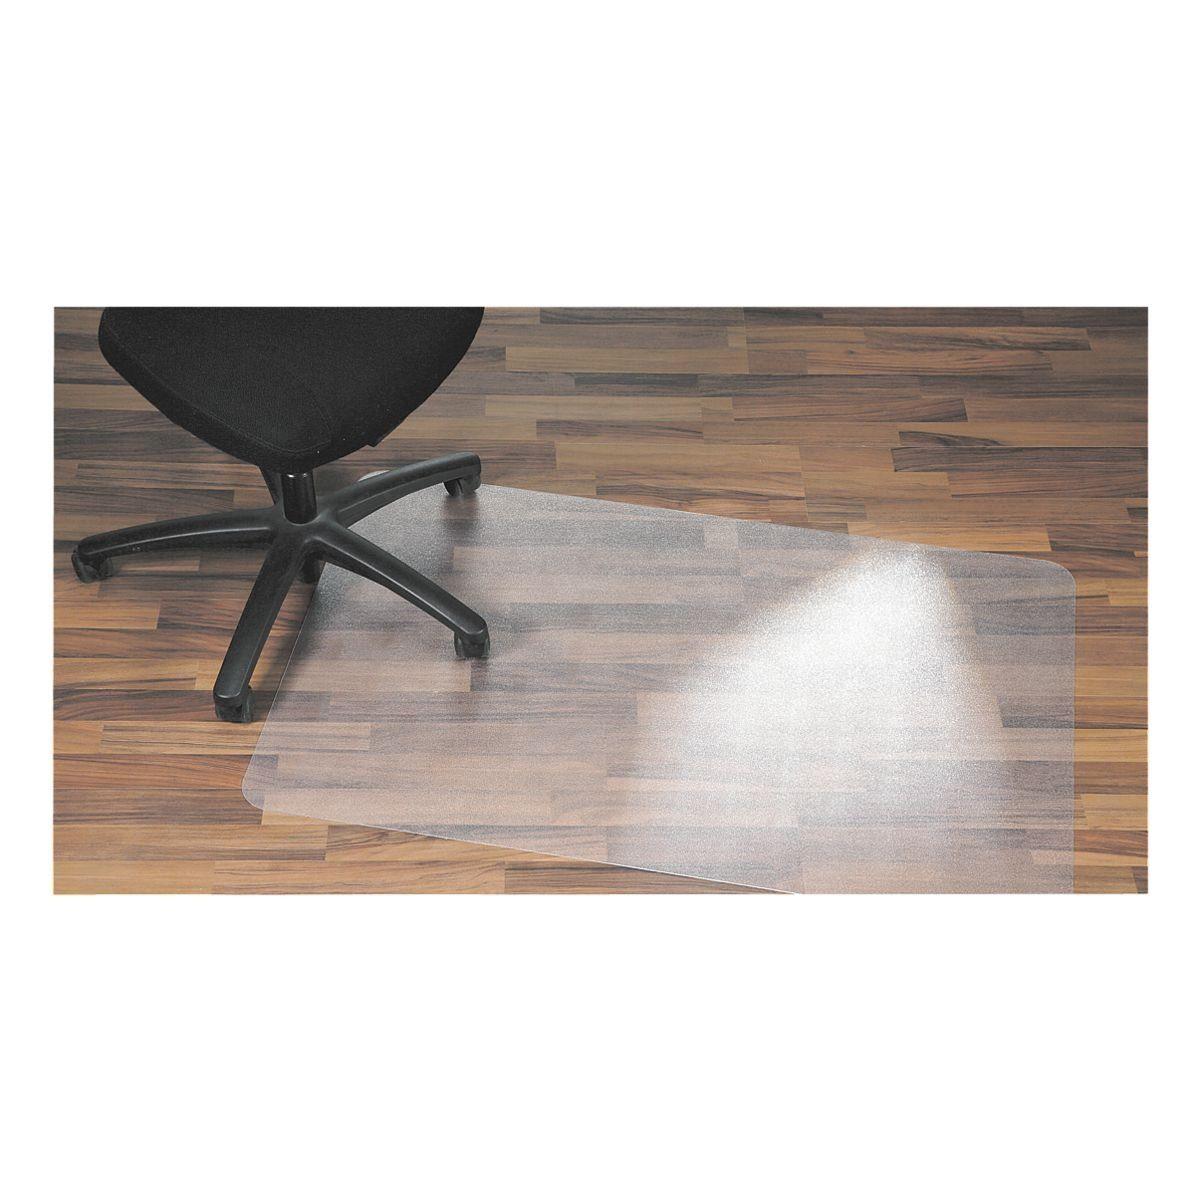 Floortex Bodenschutzmatte 120x75 cm rechteckig für Hartboden